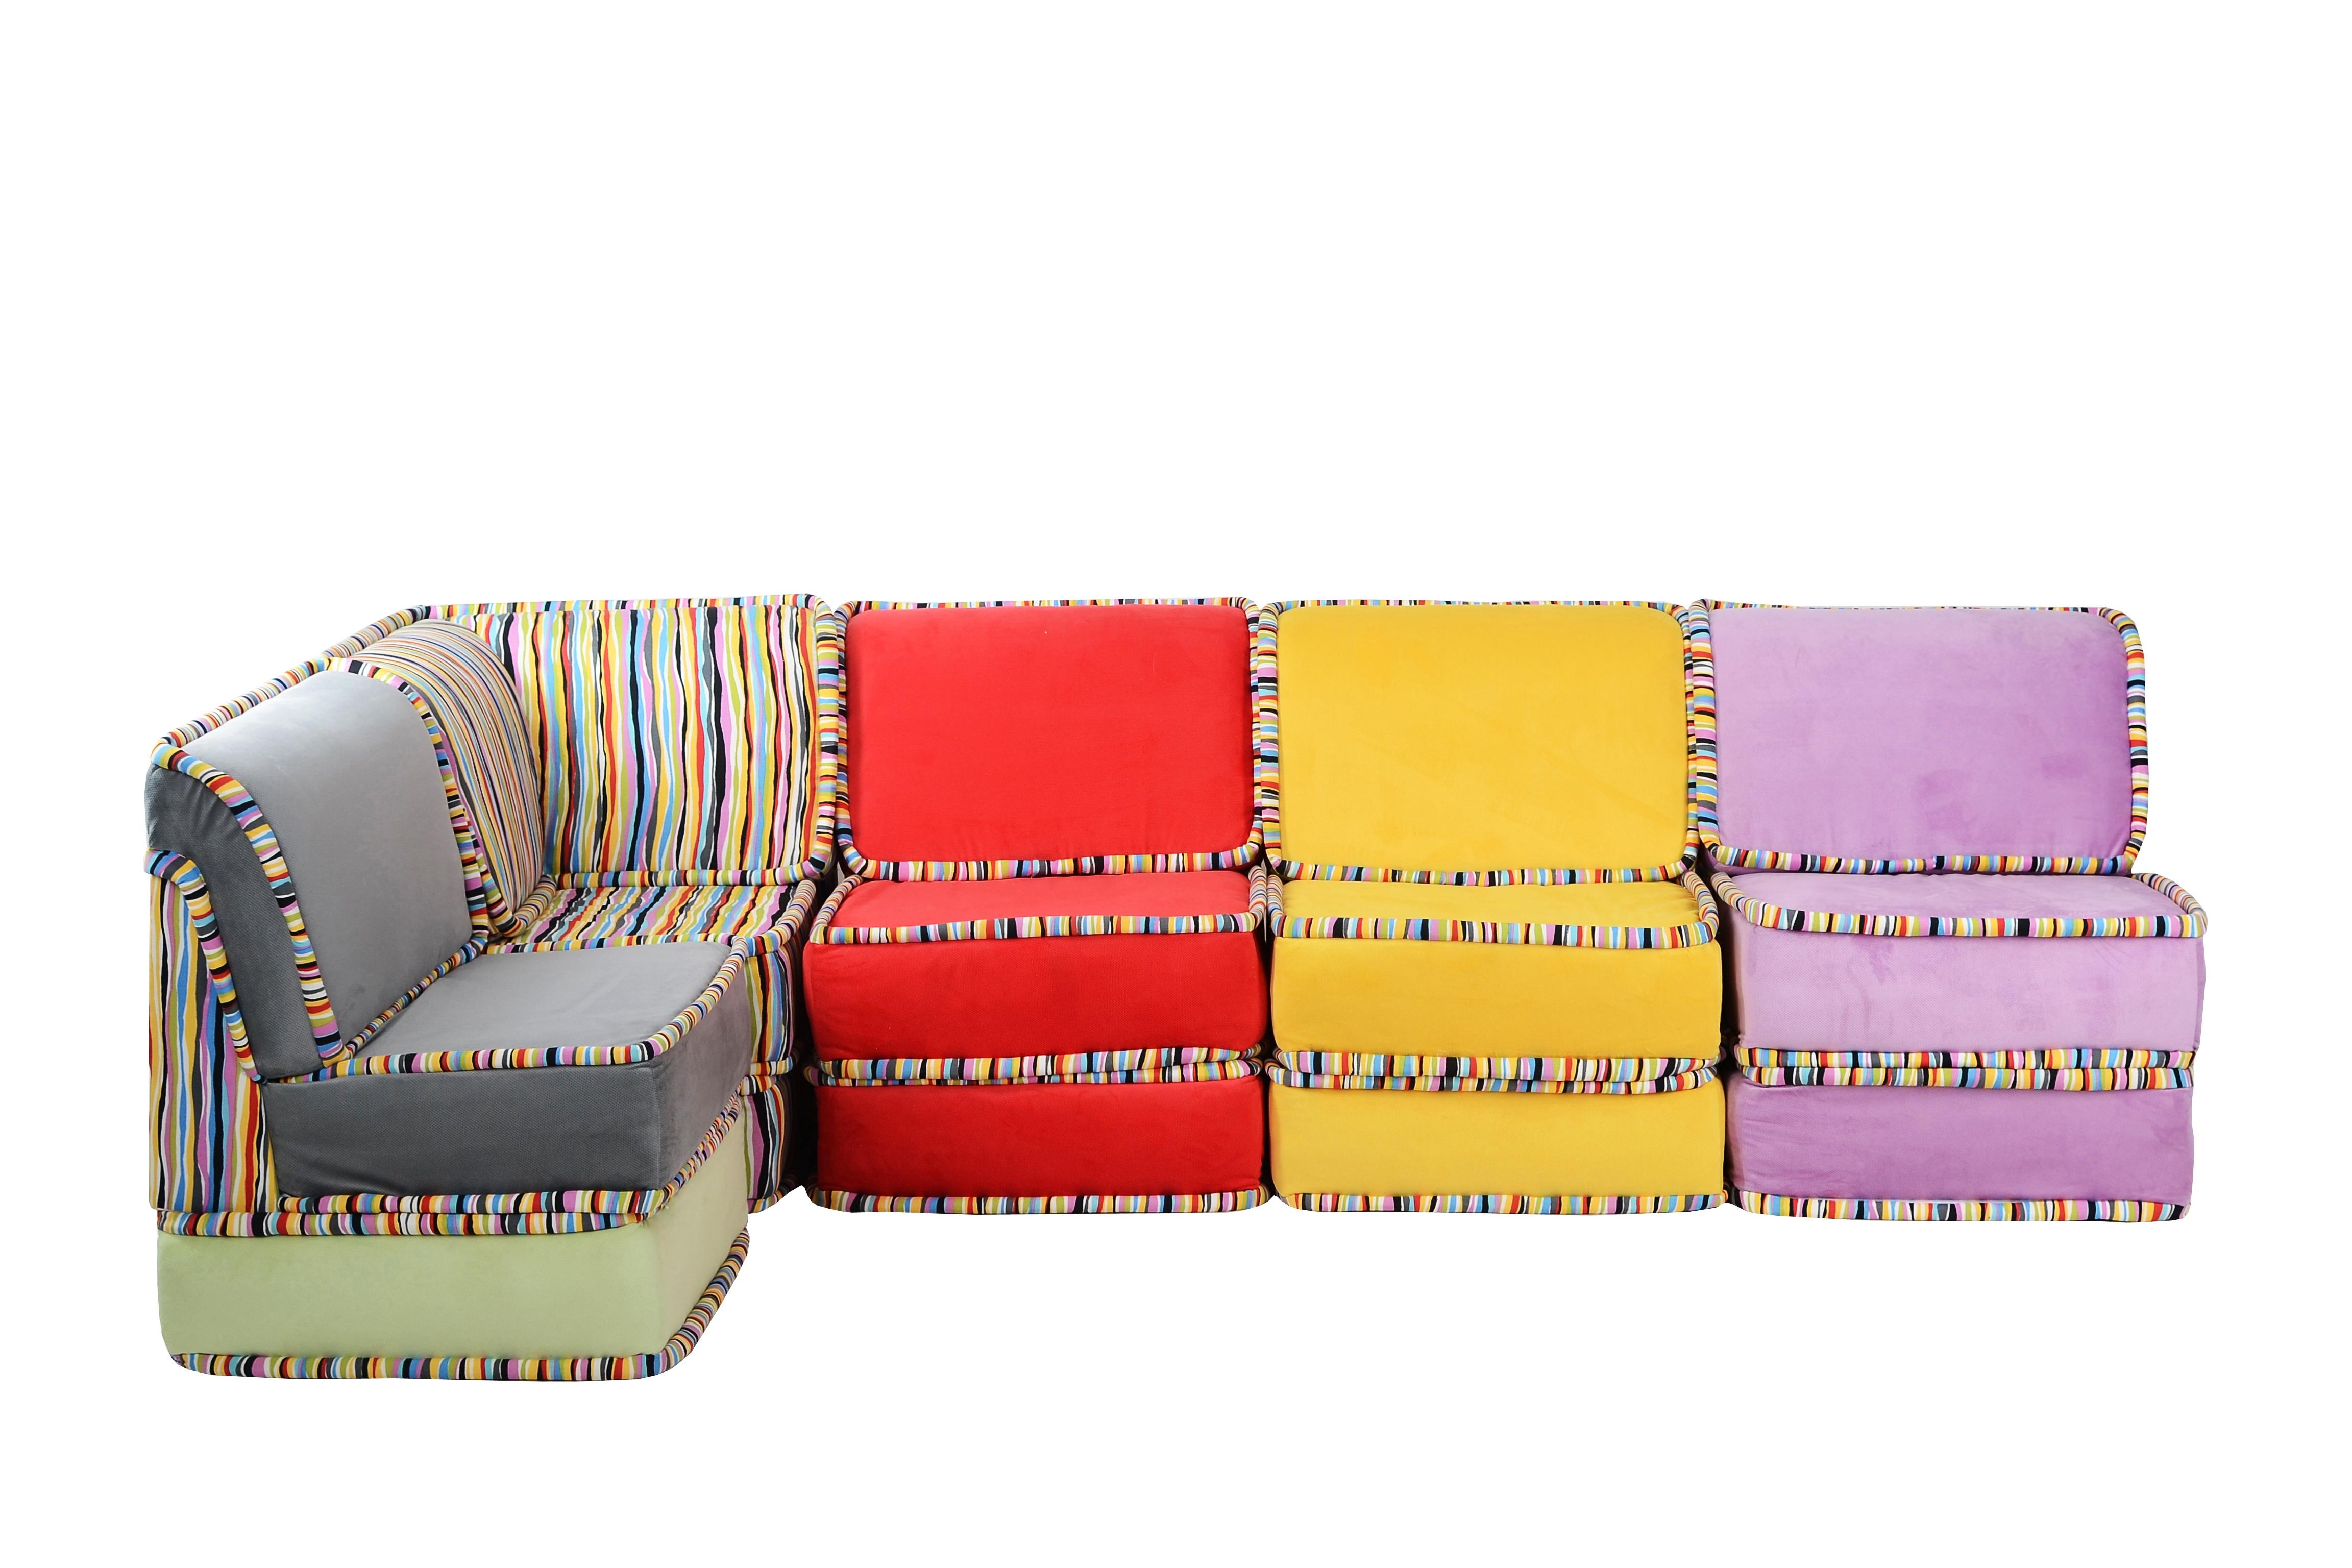 Диван угловой ПалитраМодульные диваны<br>Модульные диваны отличаются тем, что они функциональны, а значит, вы сможете выбрать уникальную, подходящую именно вам конструкцию. Вы непременно оцените многообразие роскошных цветов. Диван - это центральный элемент интерьера. Пусть он будет безупречным.Для удобства модули ничем не соединены, и вы можете свободно менять их местами.Размер одного модуля: ширина - 70 см, высота - 65 см, глубина - 70 см.<br><br>Material: Текстиль<br>Width см: 350<br>Depth см: 70<br>Height см: 65